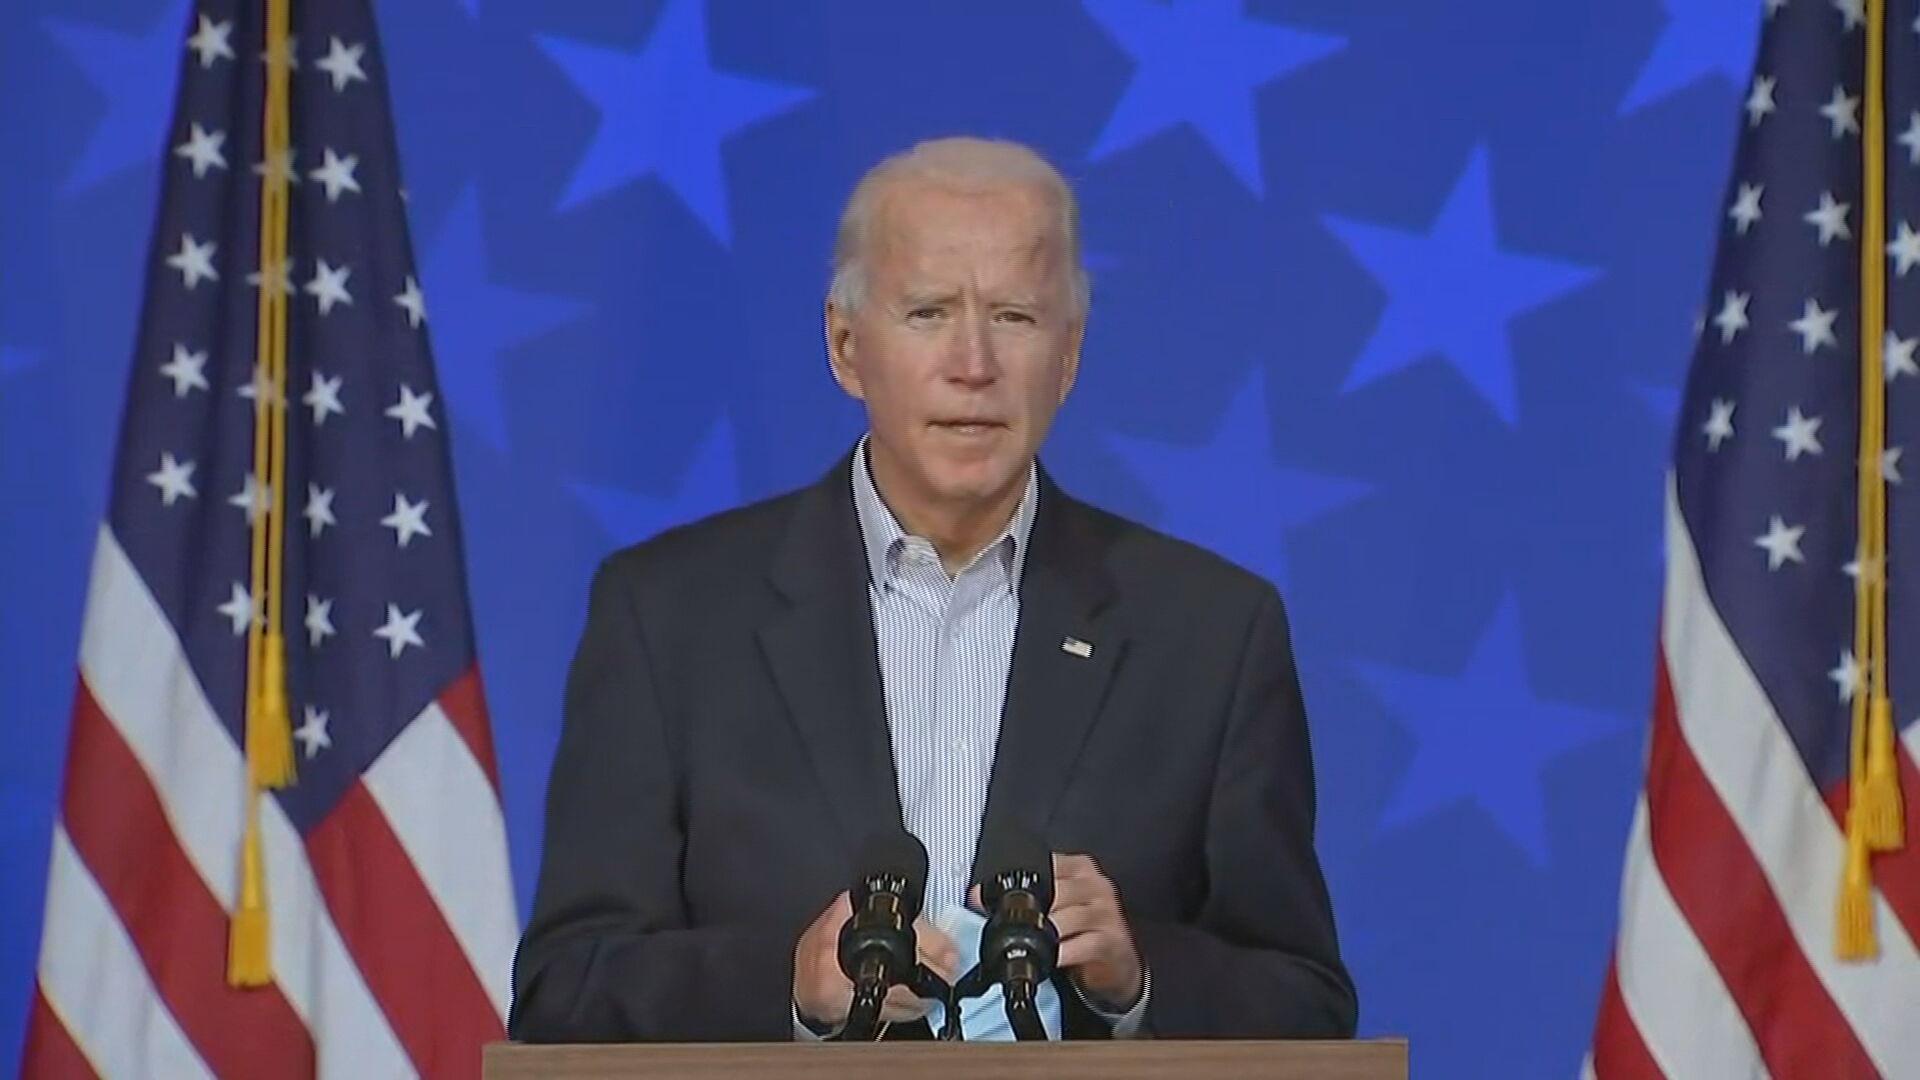 Biden-2 'Nós vamos ganhar a eleição com uma clara maioria', diz Joe Biden em discurso